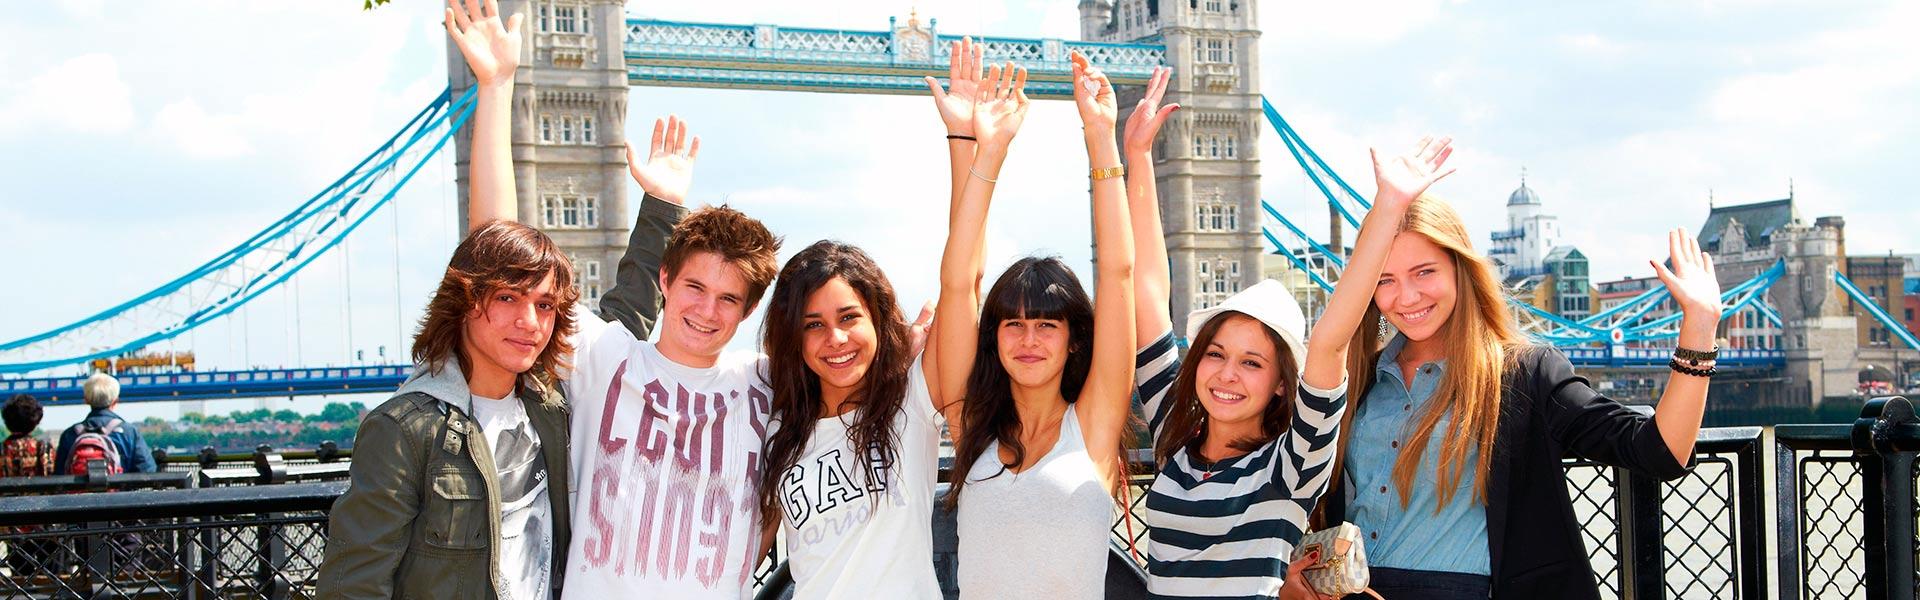 Cursos de idiomas para jóvenes con monitor en destino